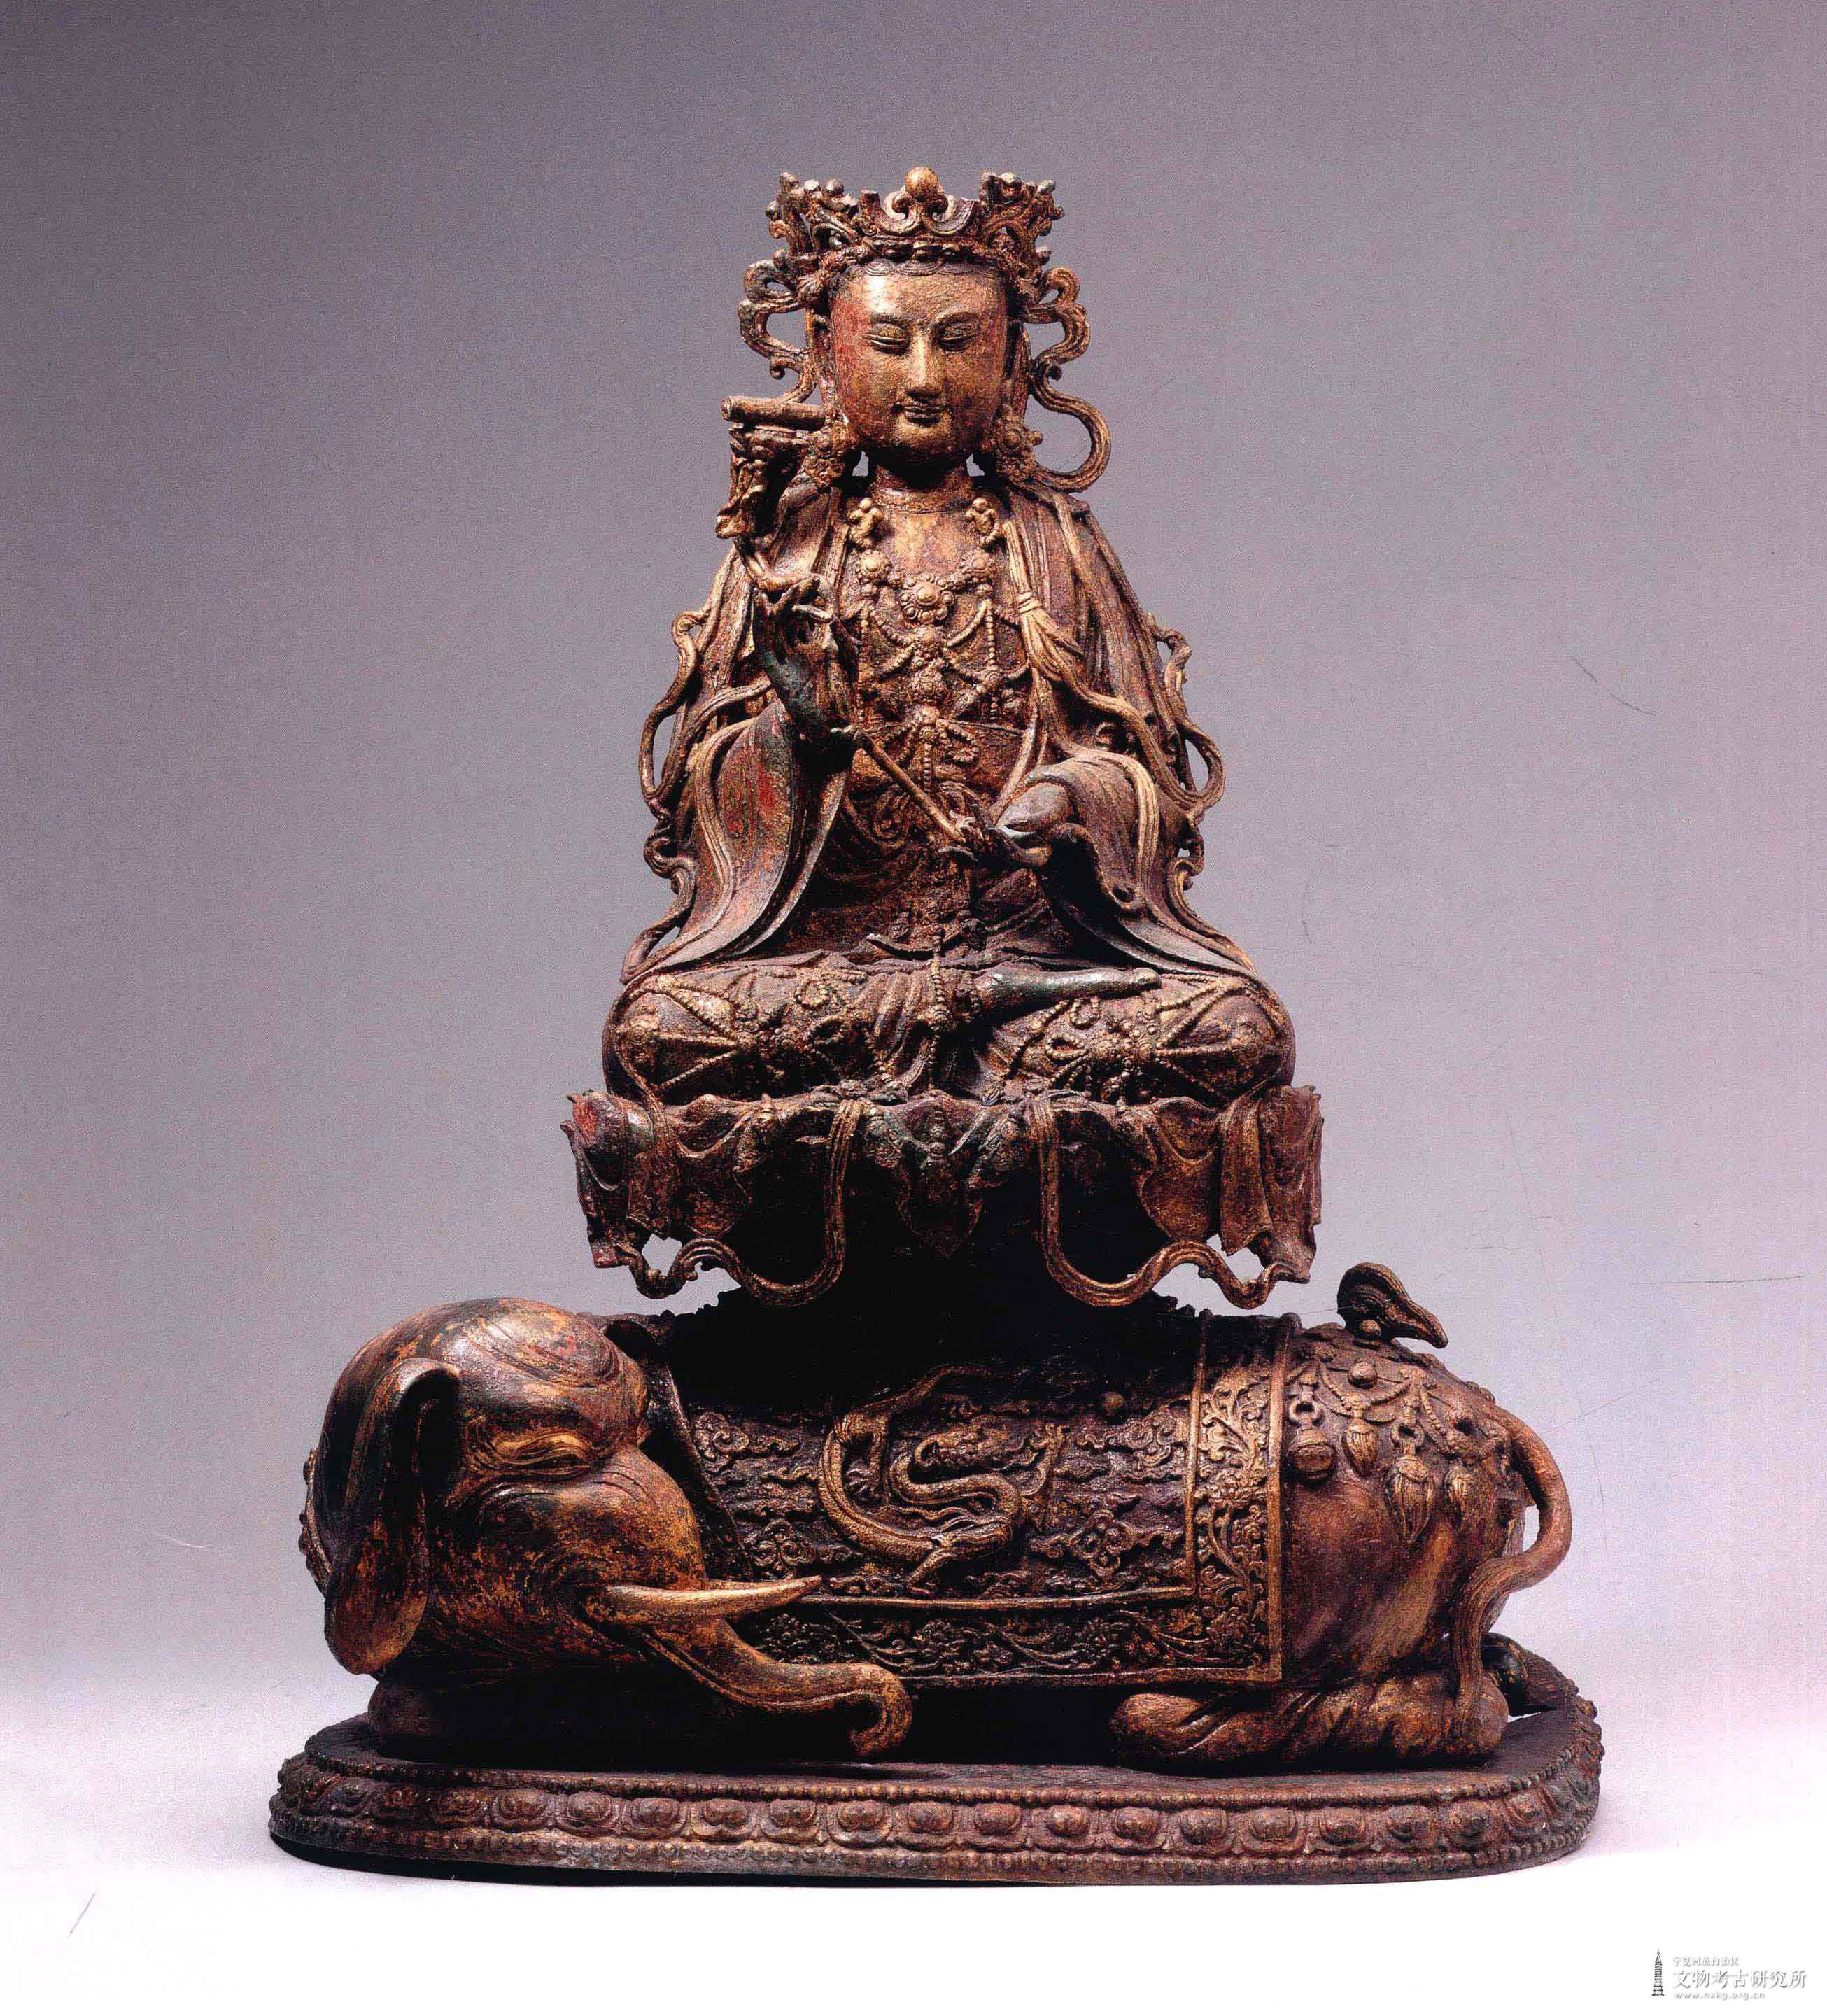 鎏金普贤菩萨铜造像